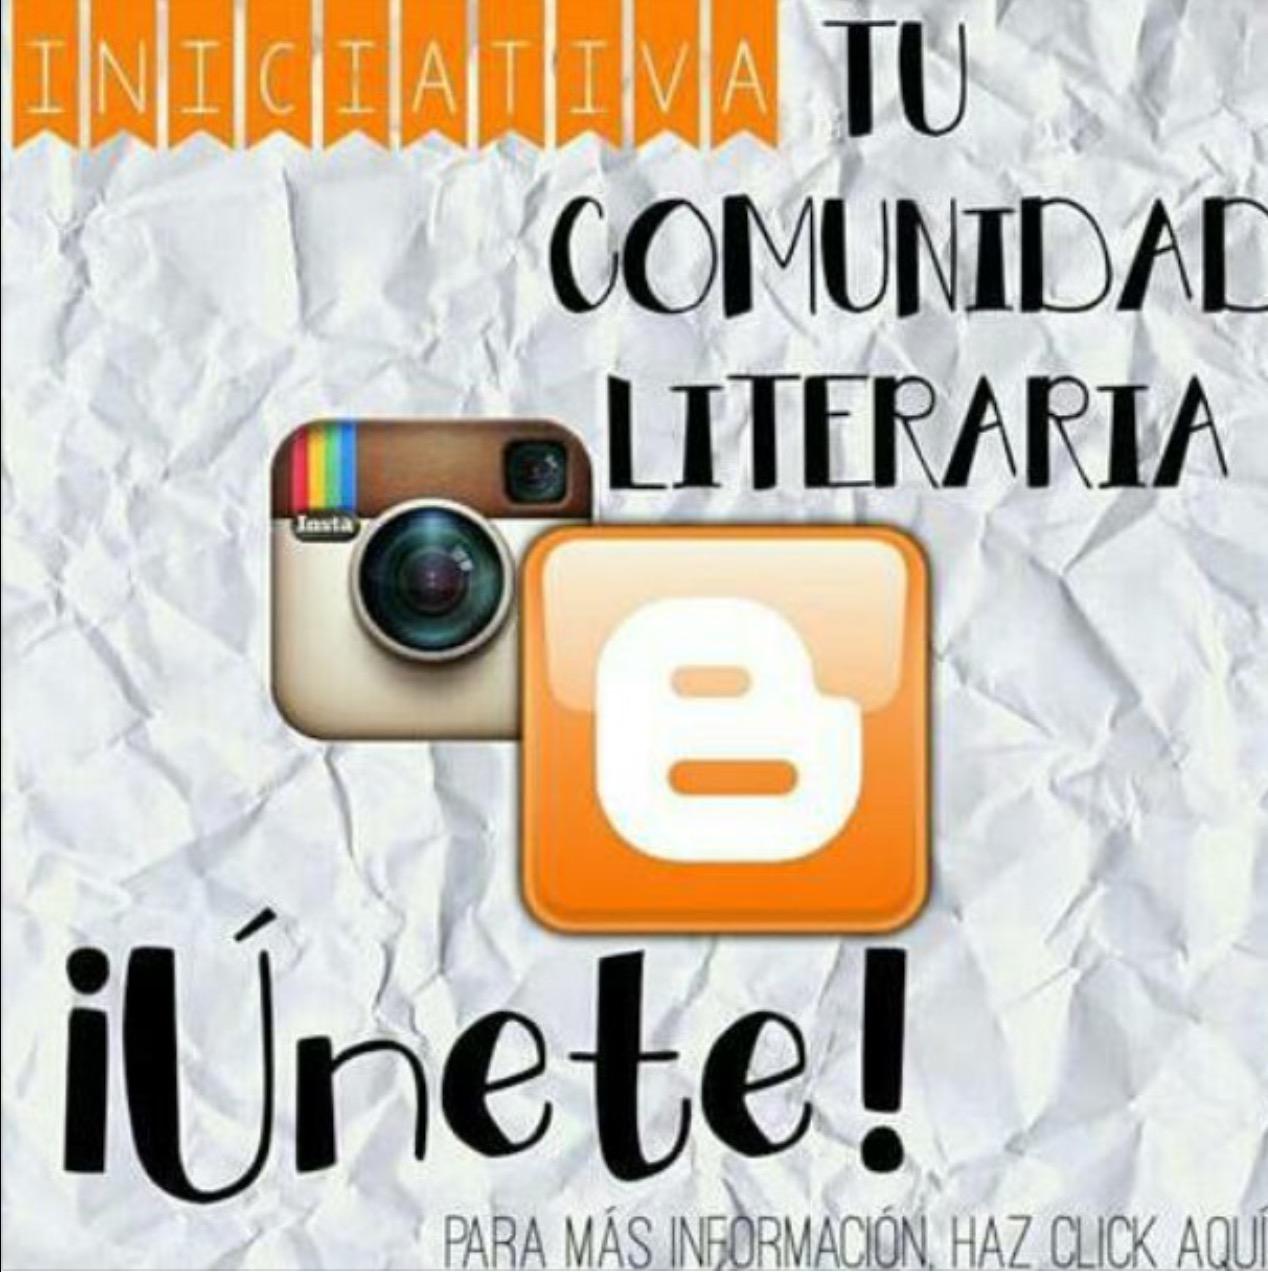 """Iniciativa """"Tu Comunidad Literaria"""""""